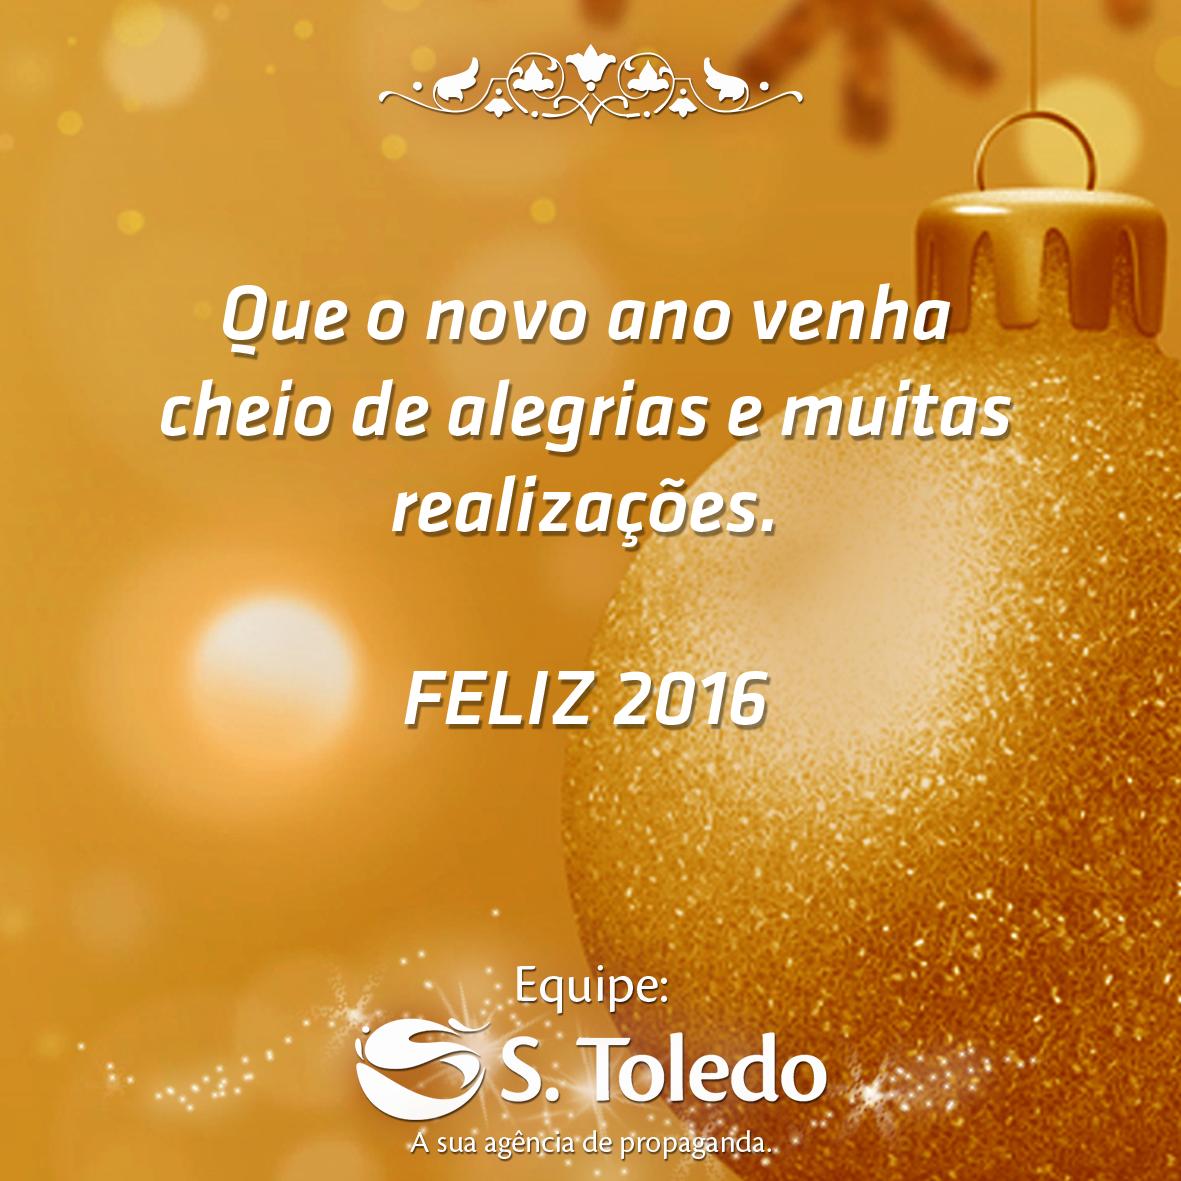 Que esse novo ano venha cheio de boas novidades! ;) #Felizanonovo https://t.co/oX5eSBBSdc